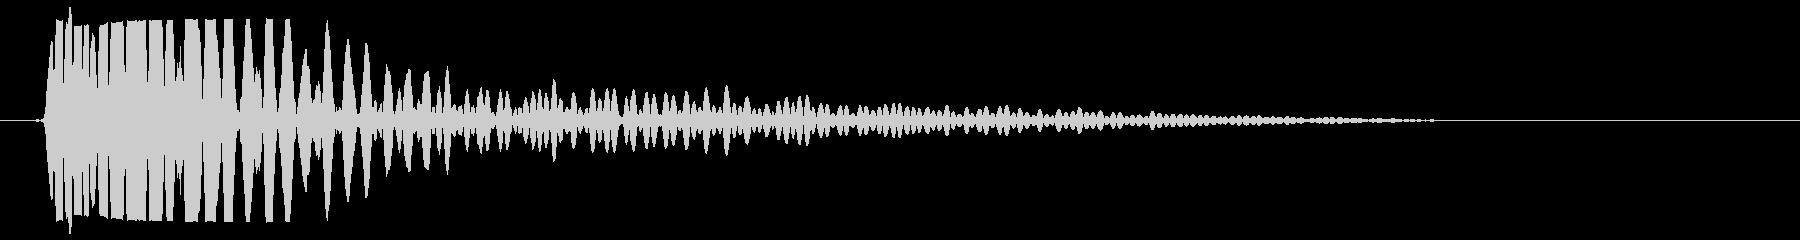 ボンッ(太鼓・ドラムのような音)の未再生の波形